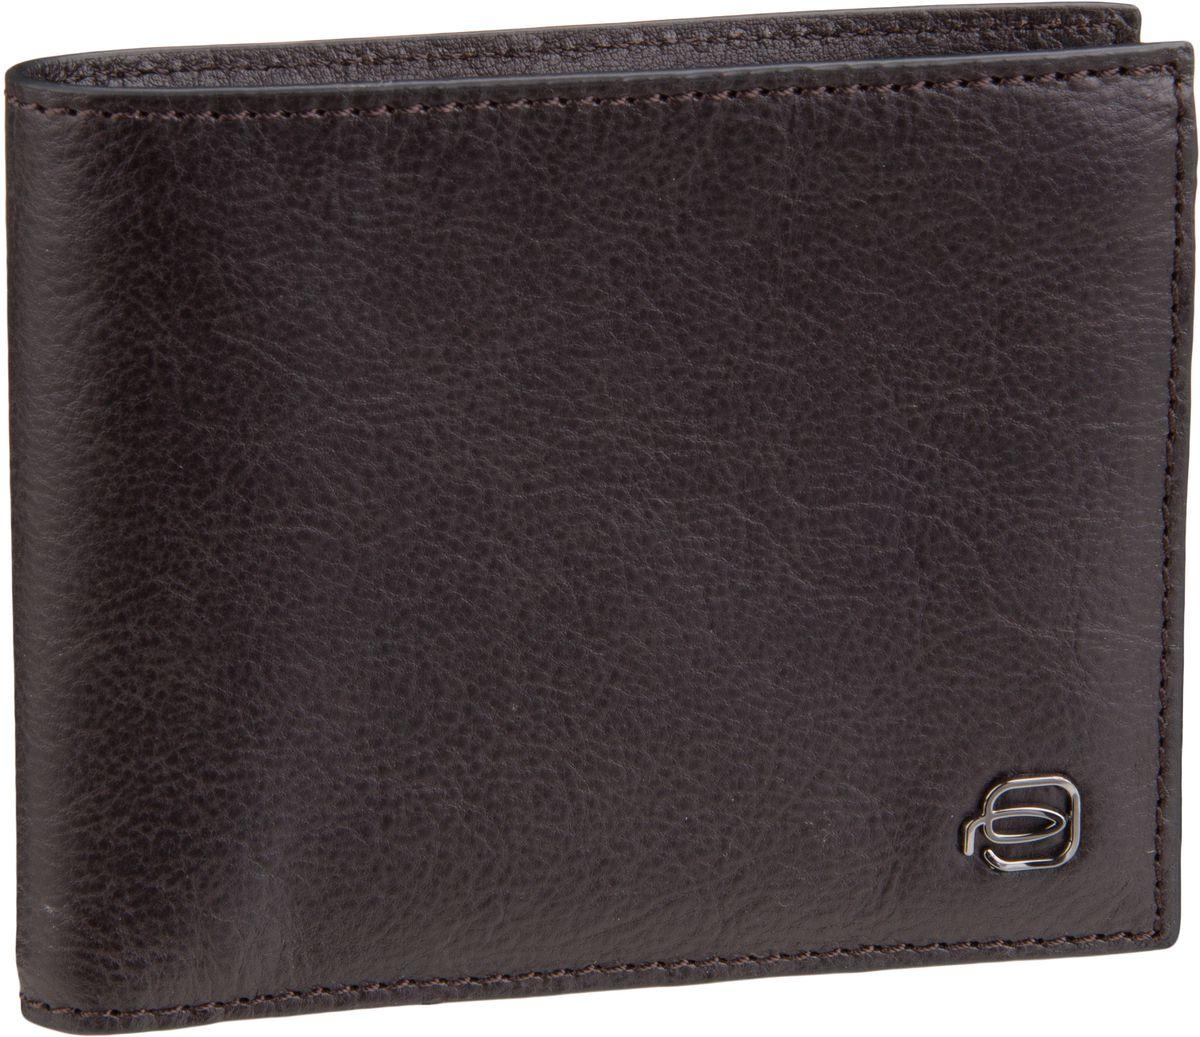 Piquadro Brieftasche Black Square 3891 RFID Testa di moro